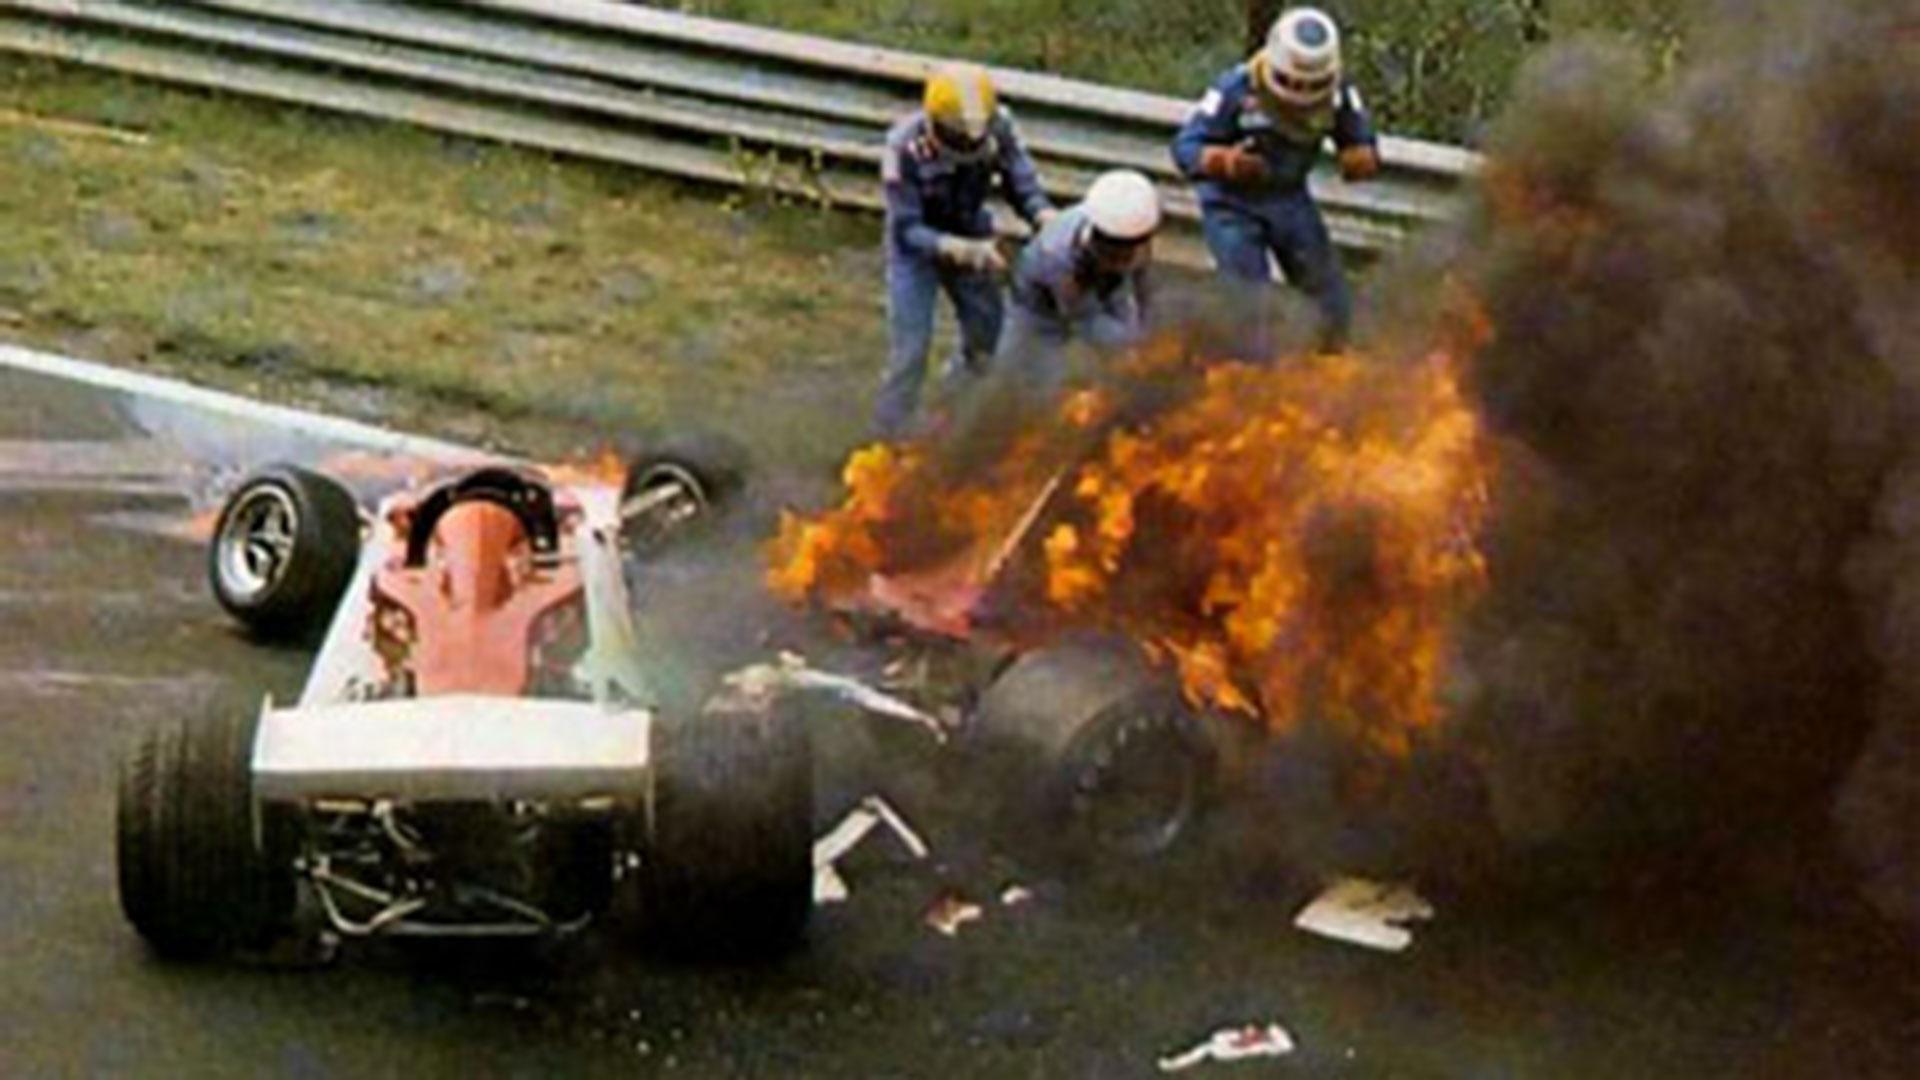 Niki Lauda envuelto en llamas tras el terrible accidente que sufrió en Nürburgring en 1976